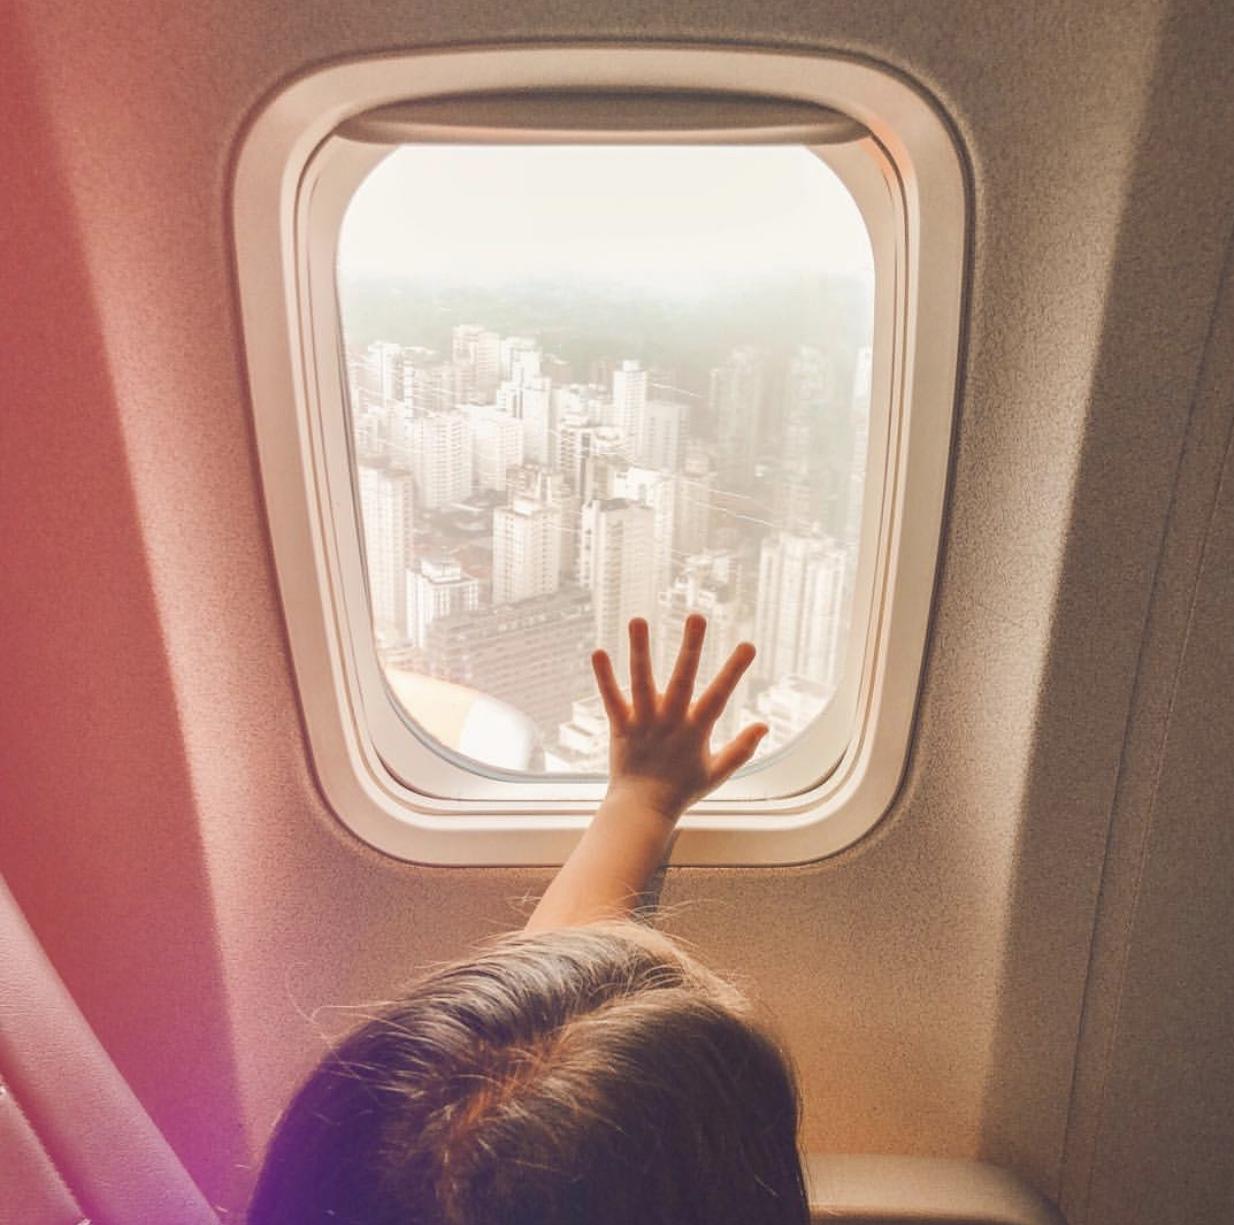 Projeto Piloto: sobre medo de avião